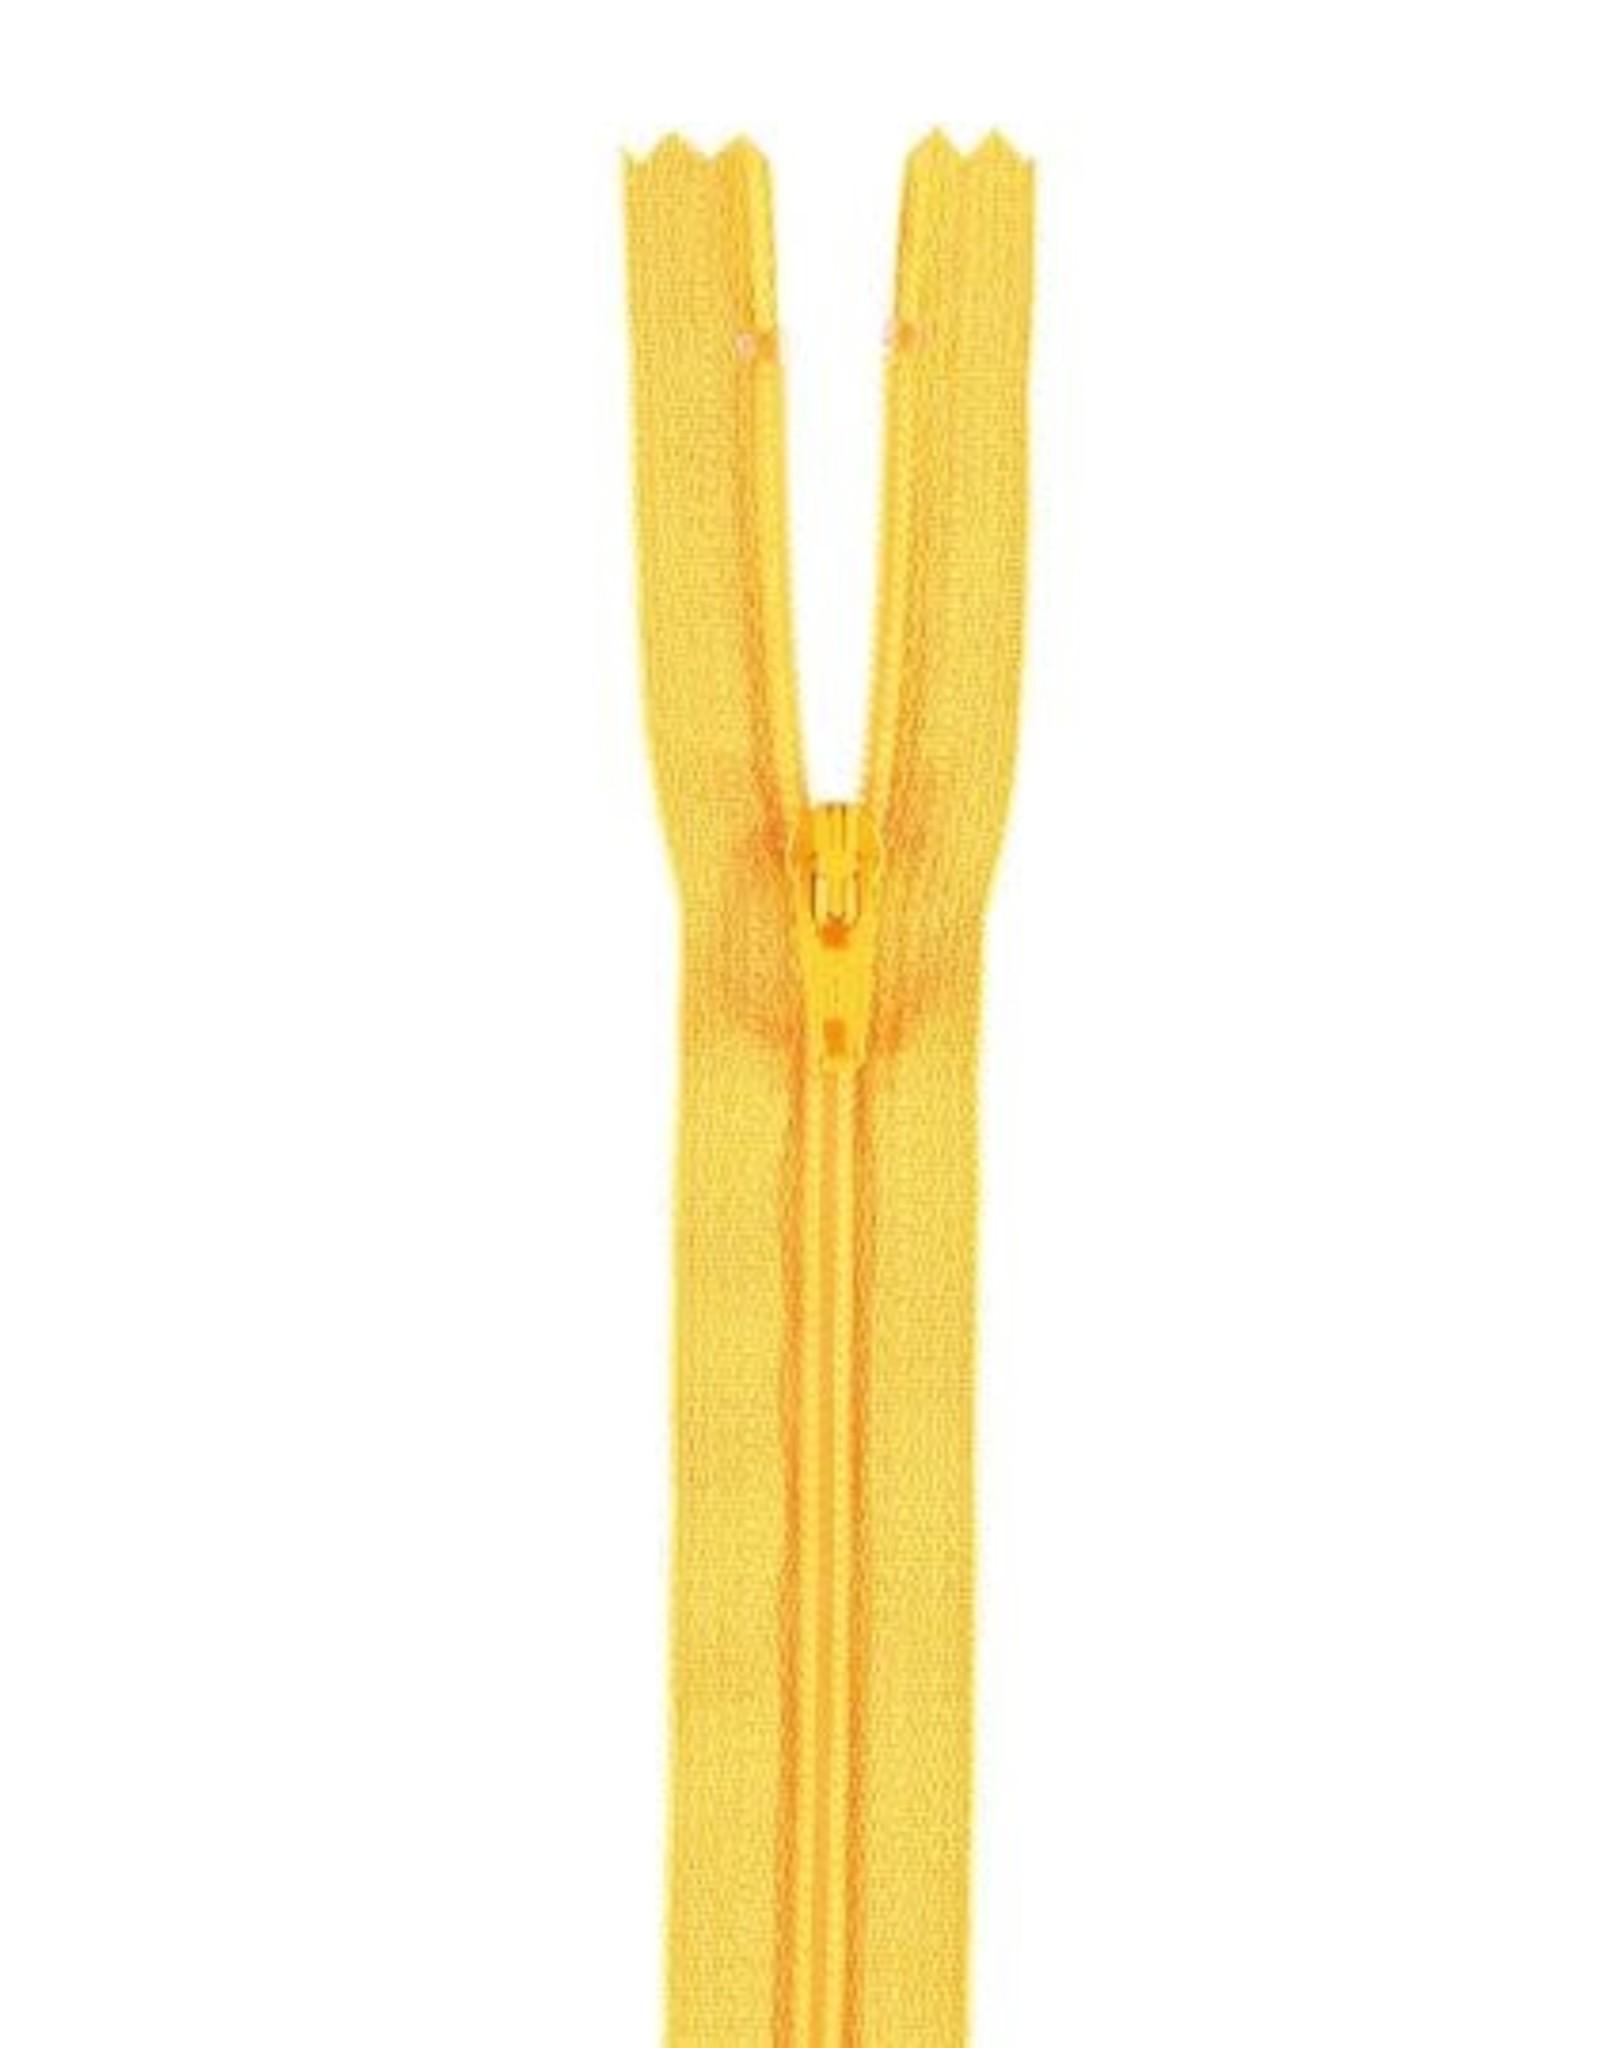 YKK Spiraalrits niet-DB 3mm geel 506-15cm